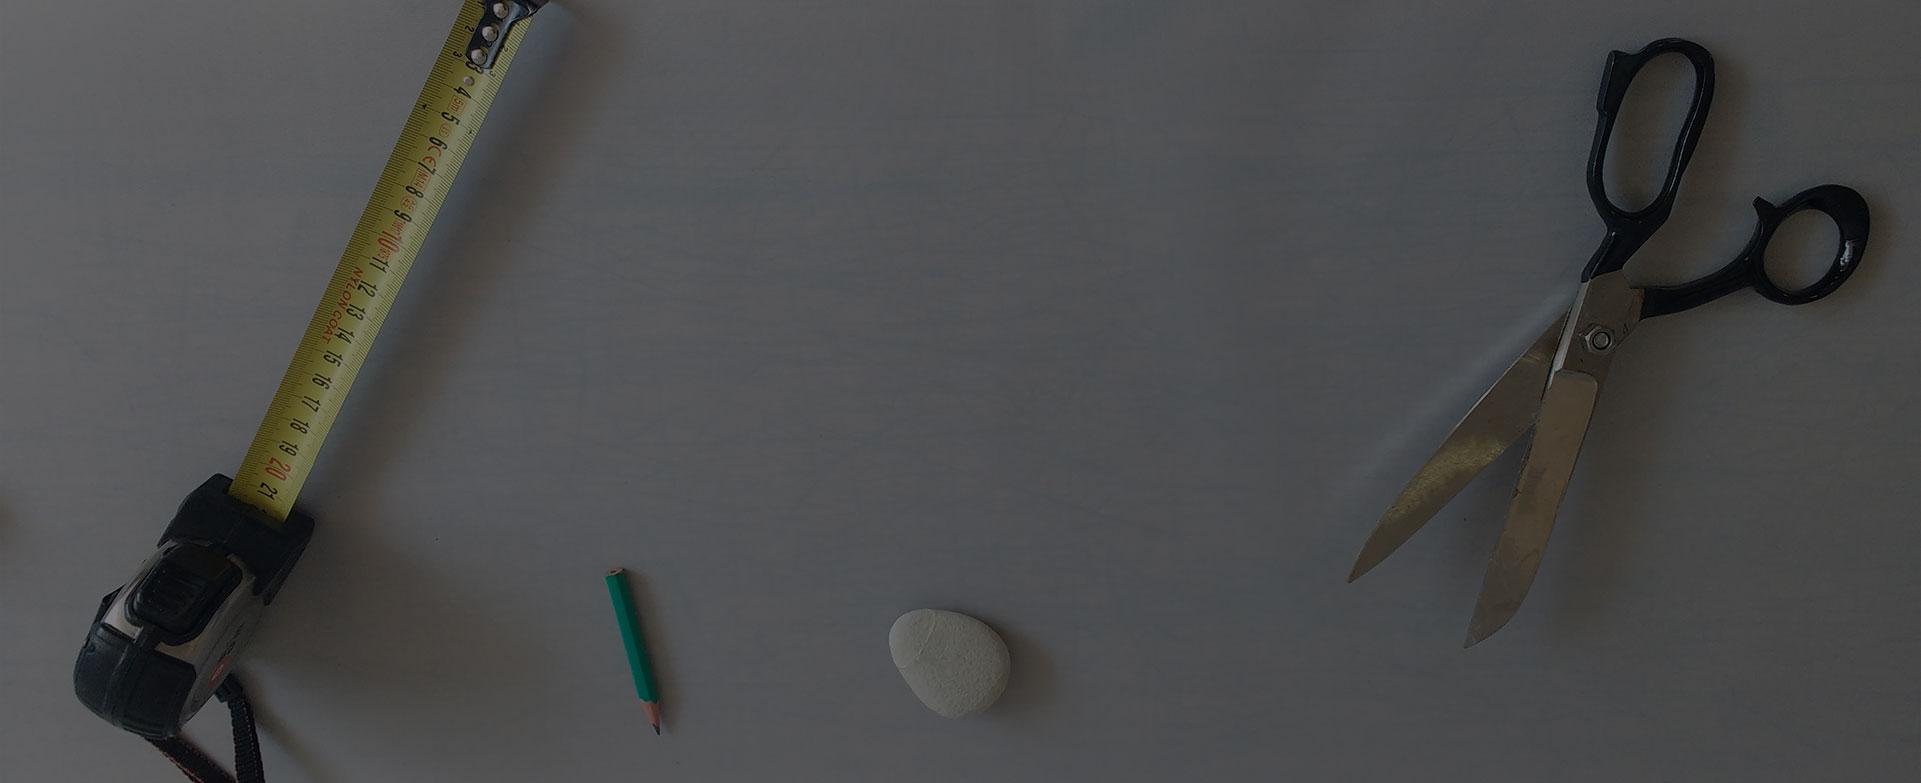 sur mesure outils mêtre ciseaux crayon